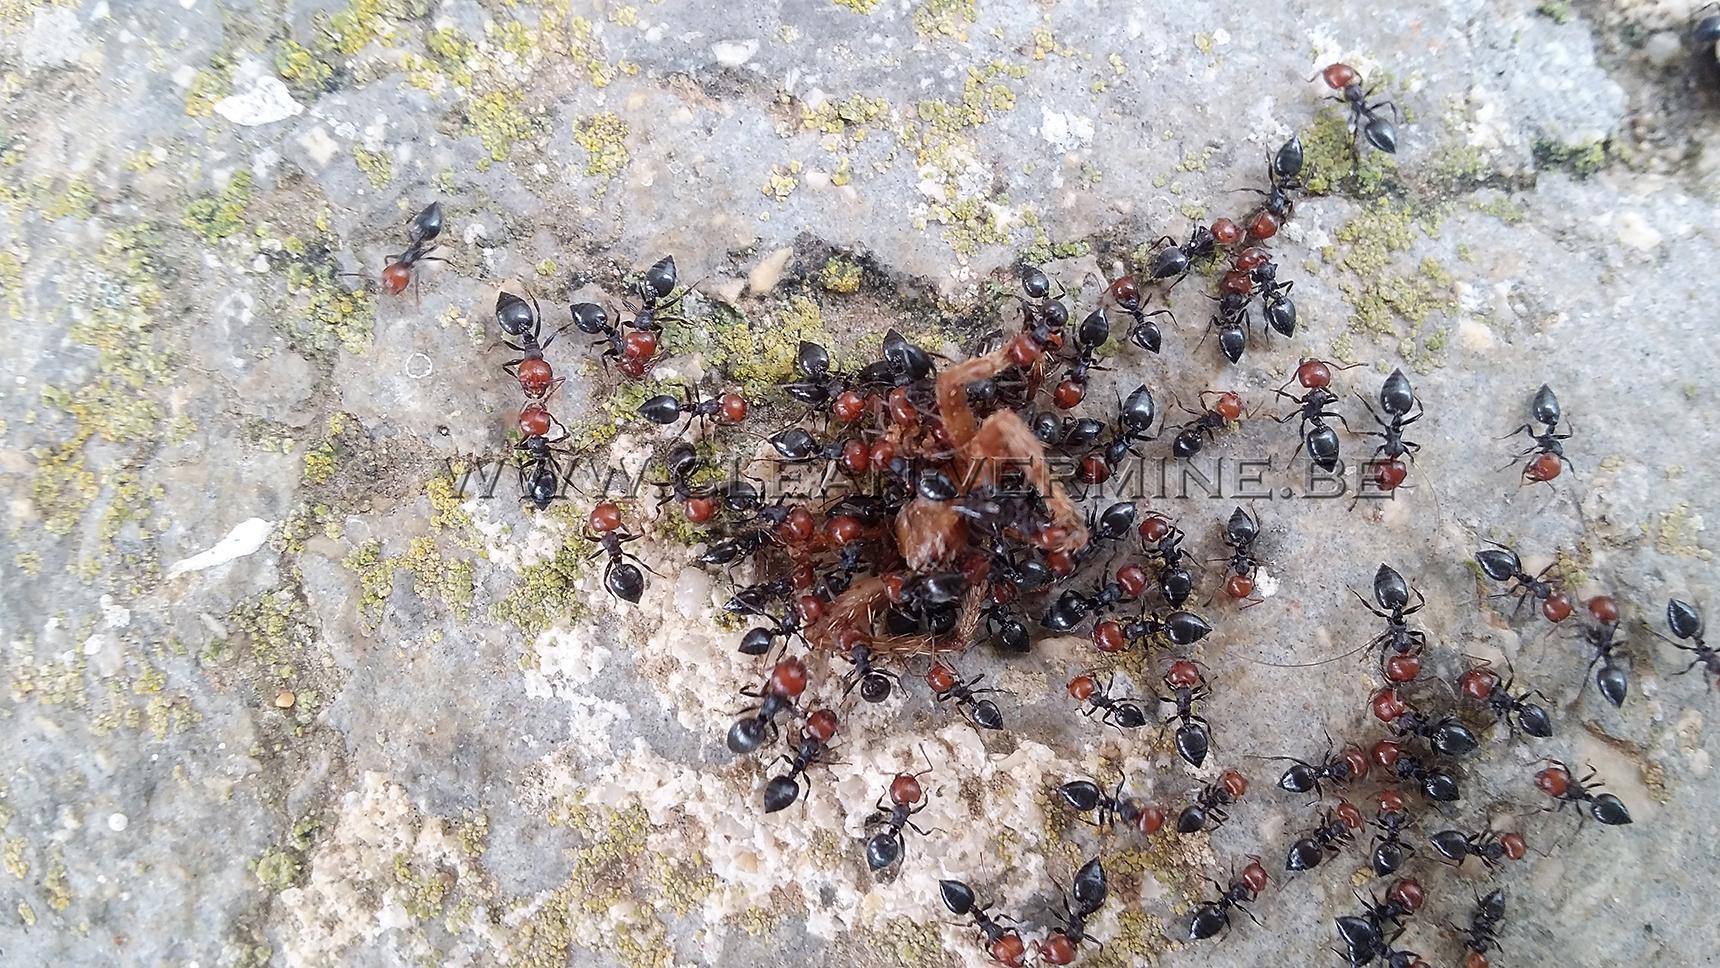 tuer les fourmis grâce à nos solutions anti fourmis et produits, et s'en débarrasser dans la maison grâce à notre société, sur Bruxelles et en Belgique